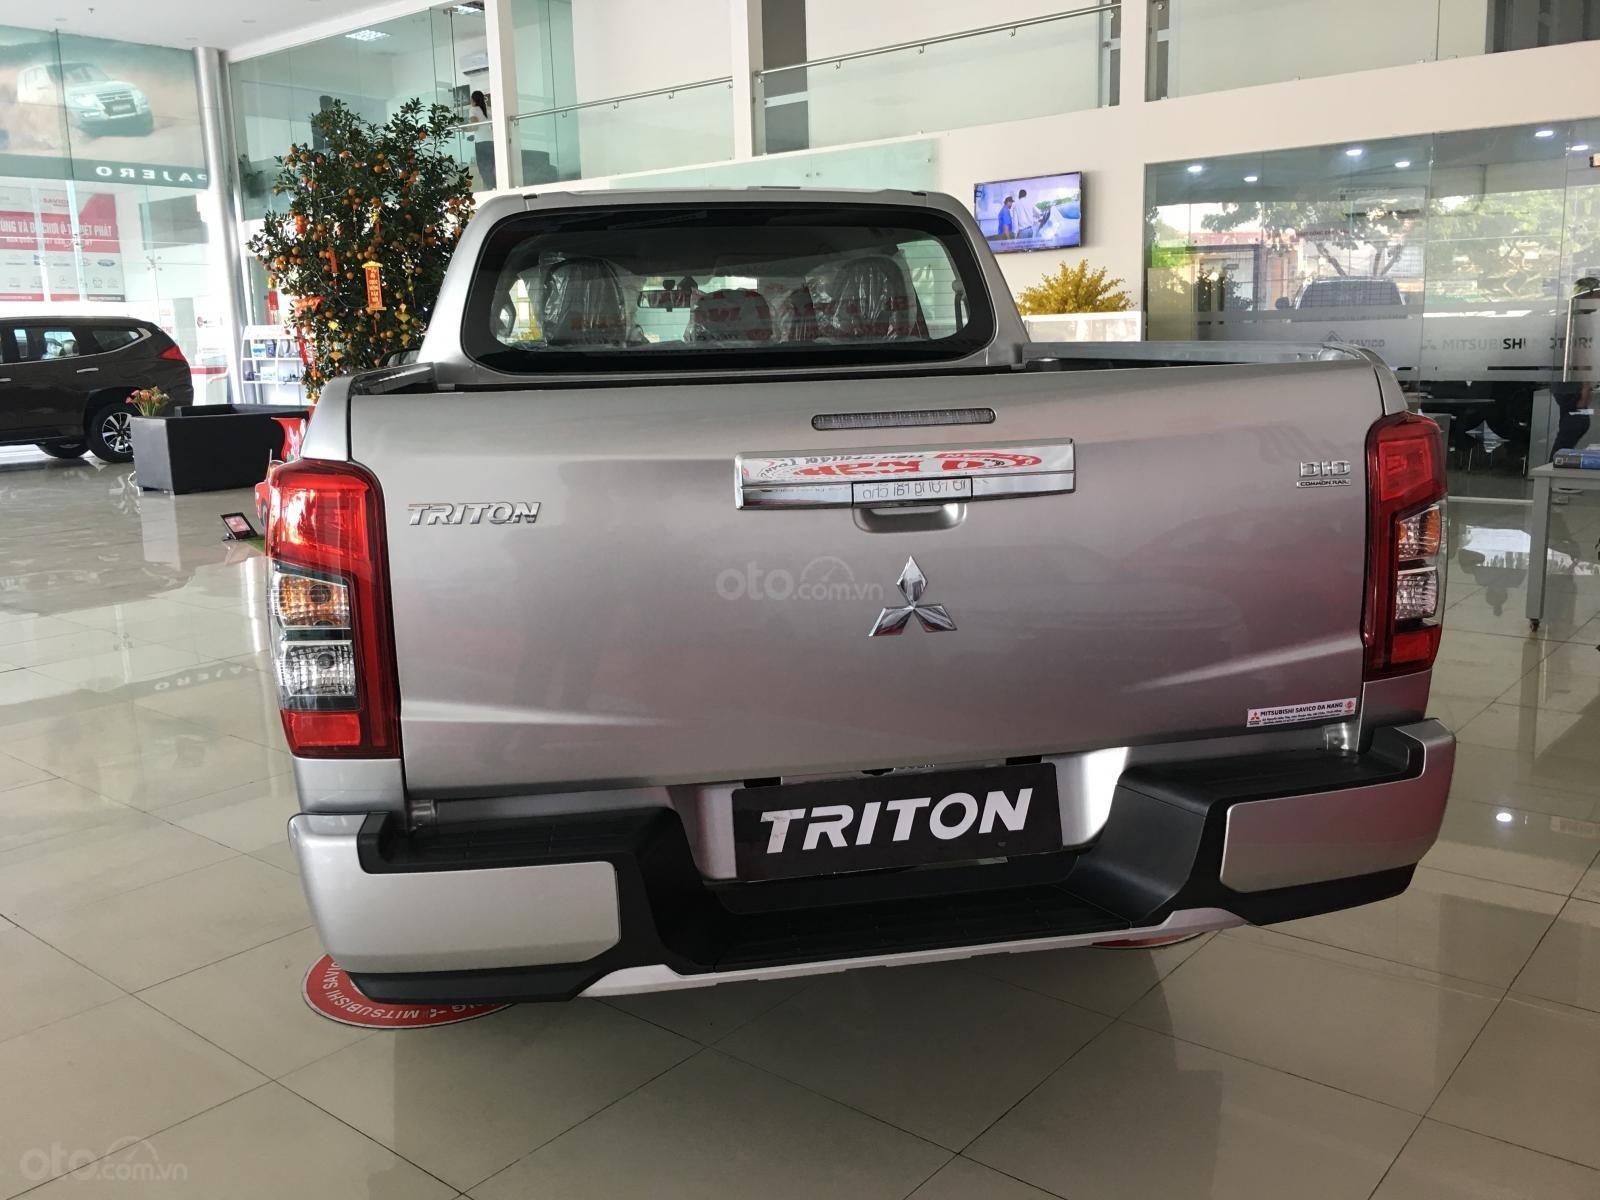 Triton Đà Nẵng, Mitsubishi Triton 2019, màu bạc, nhập khẩu nguyên chiếc, xe giao ngay. Liên hệ 0931911444-3